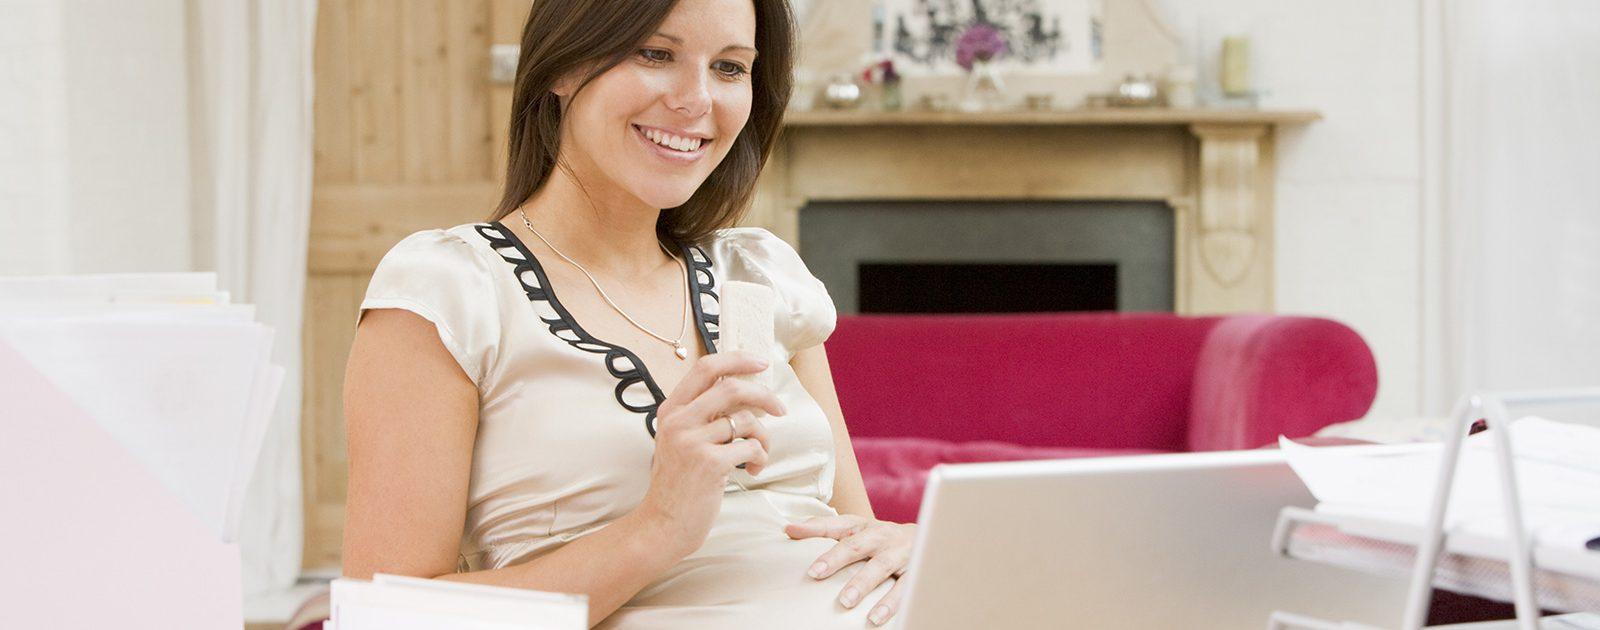 Bei einer Schwangeren stehen Behördengänge an.